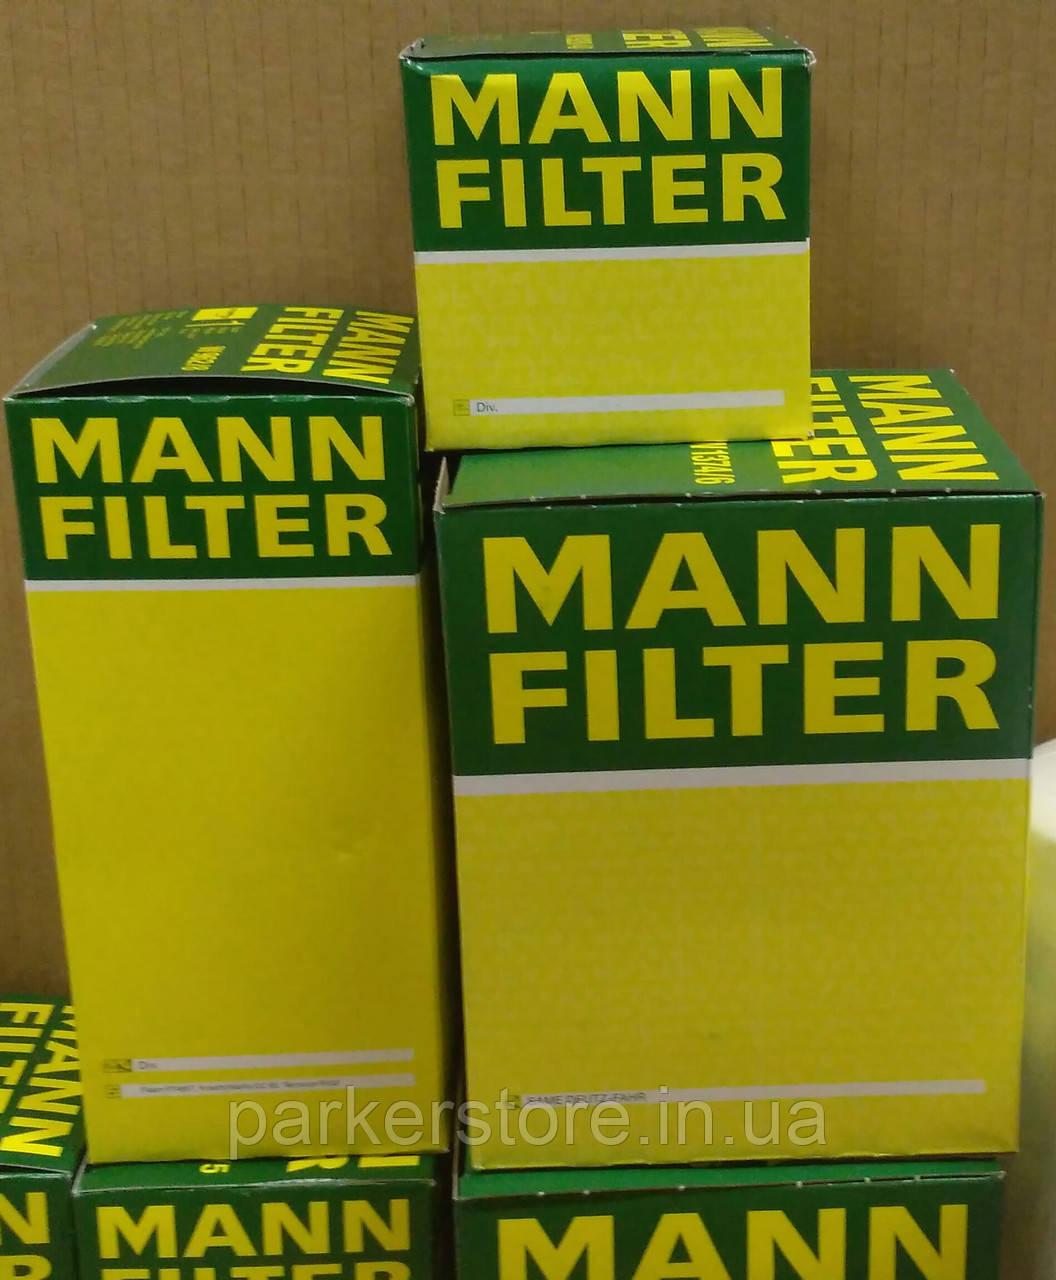 MANN FILTER / Воздушный фильтр / C 17 006 / C17006